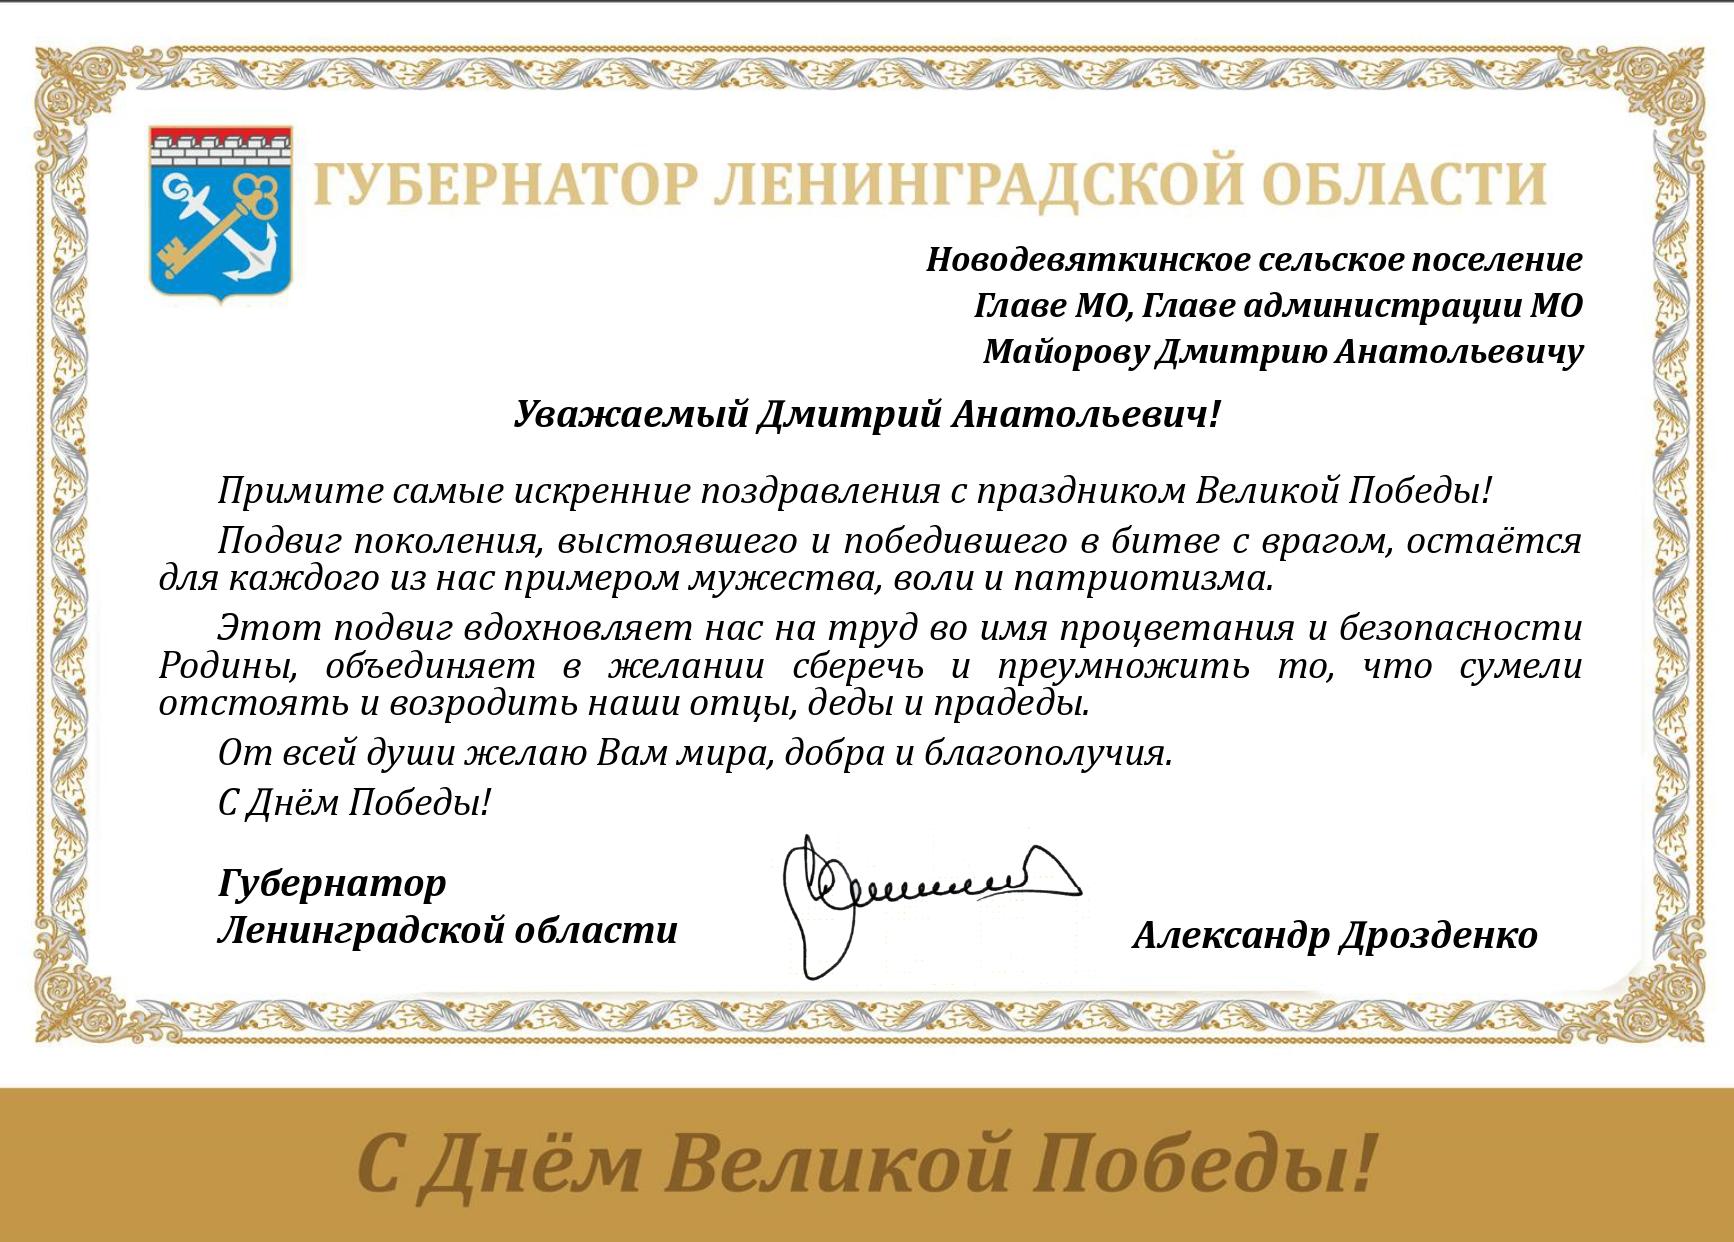 официальные поздравление губернатора к дню города